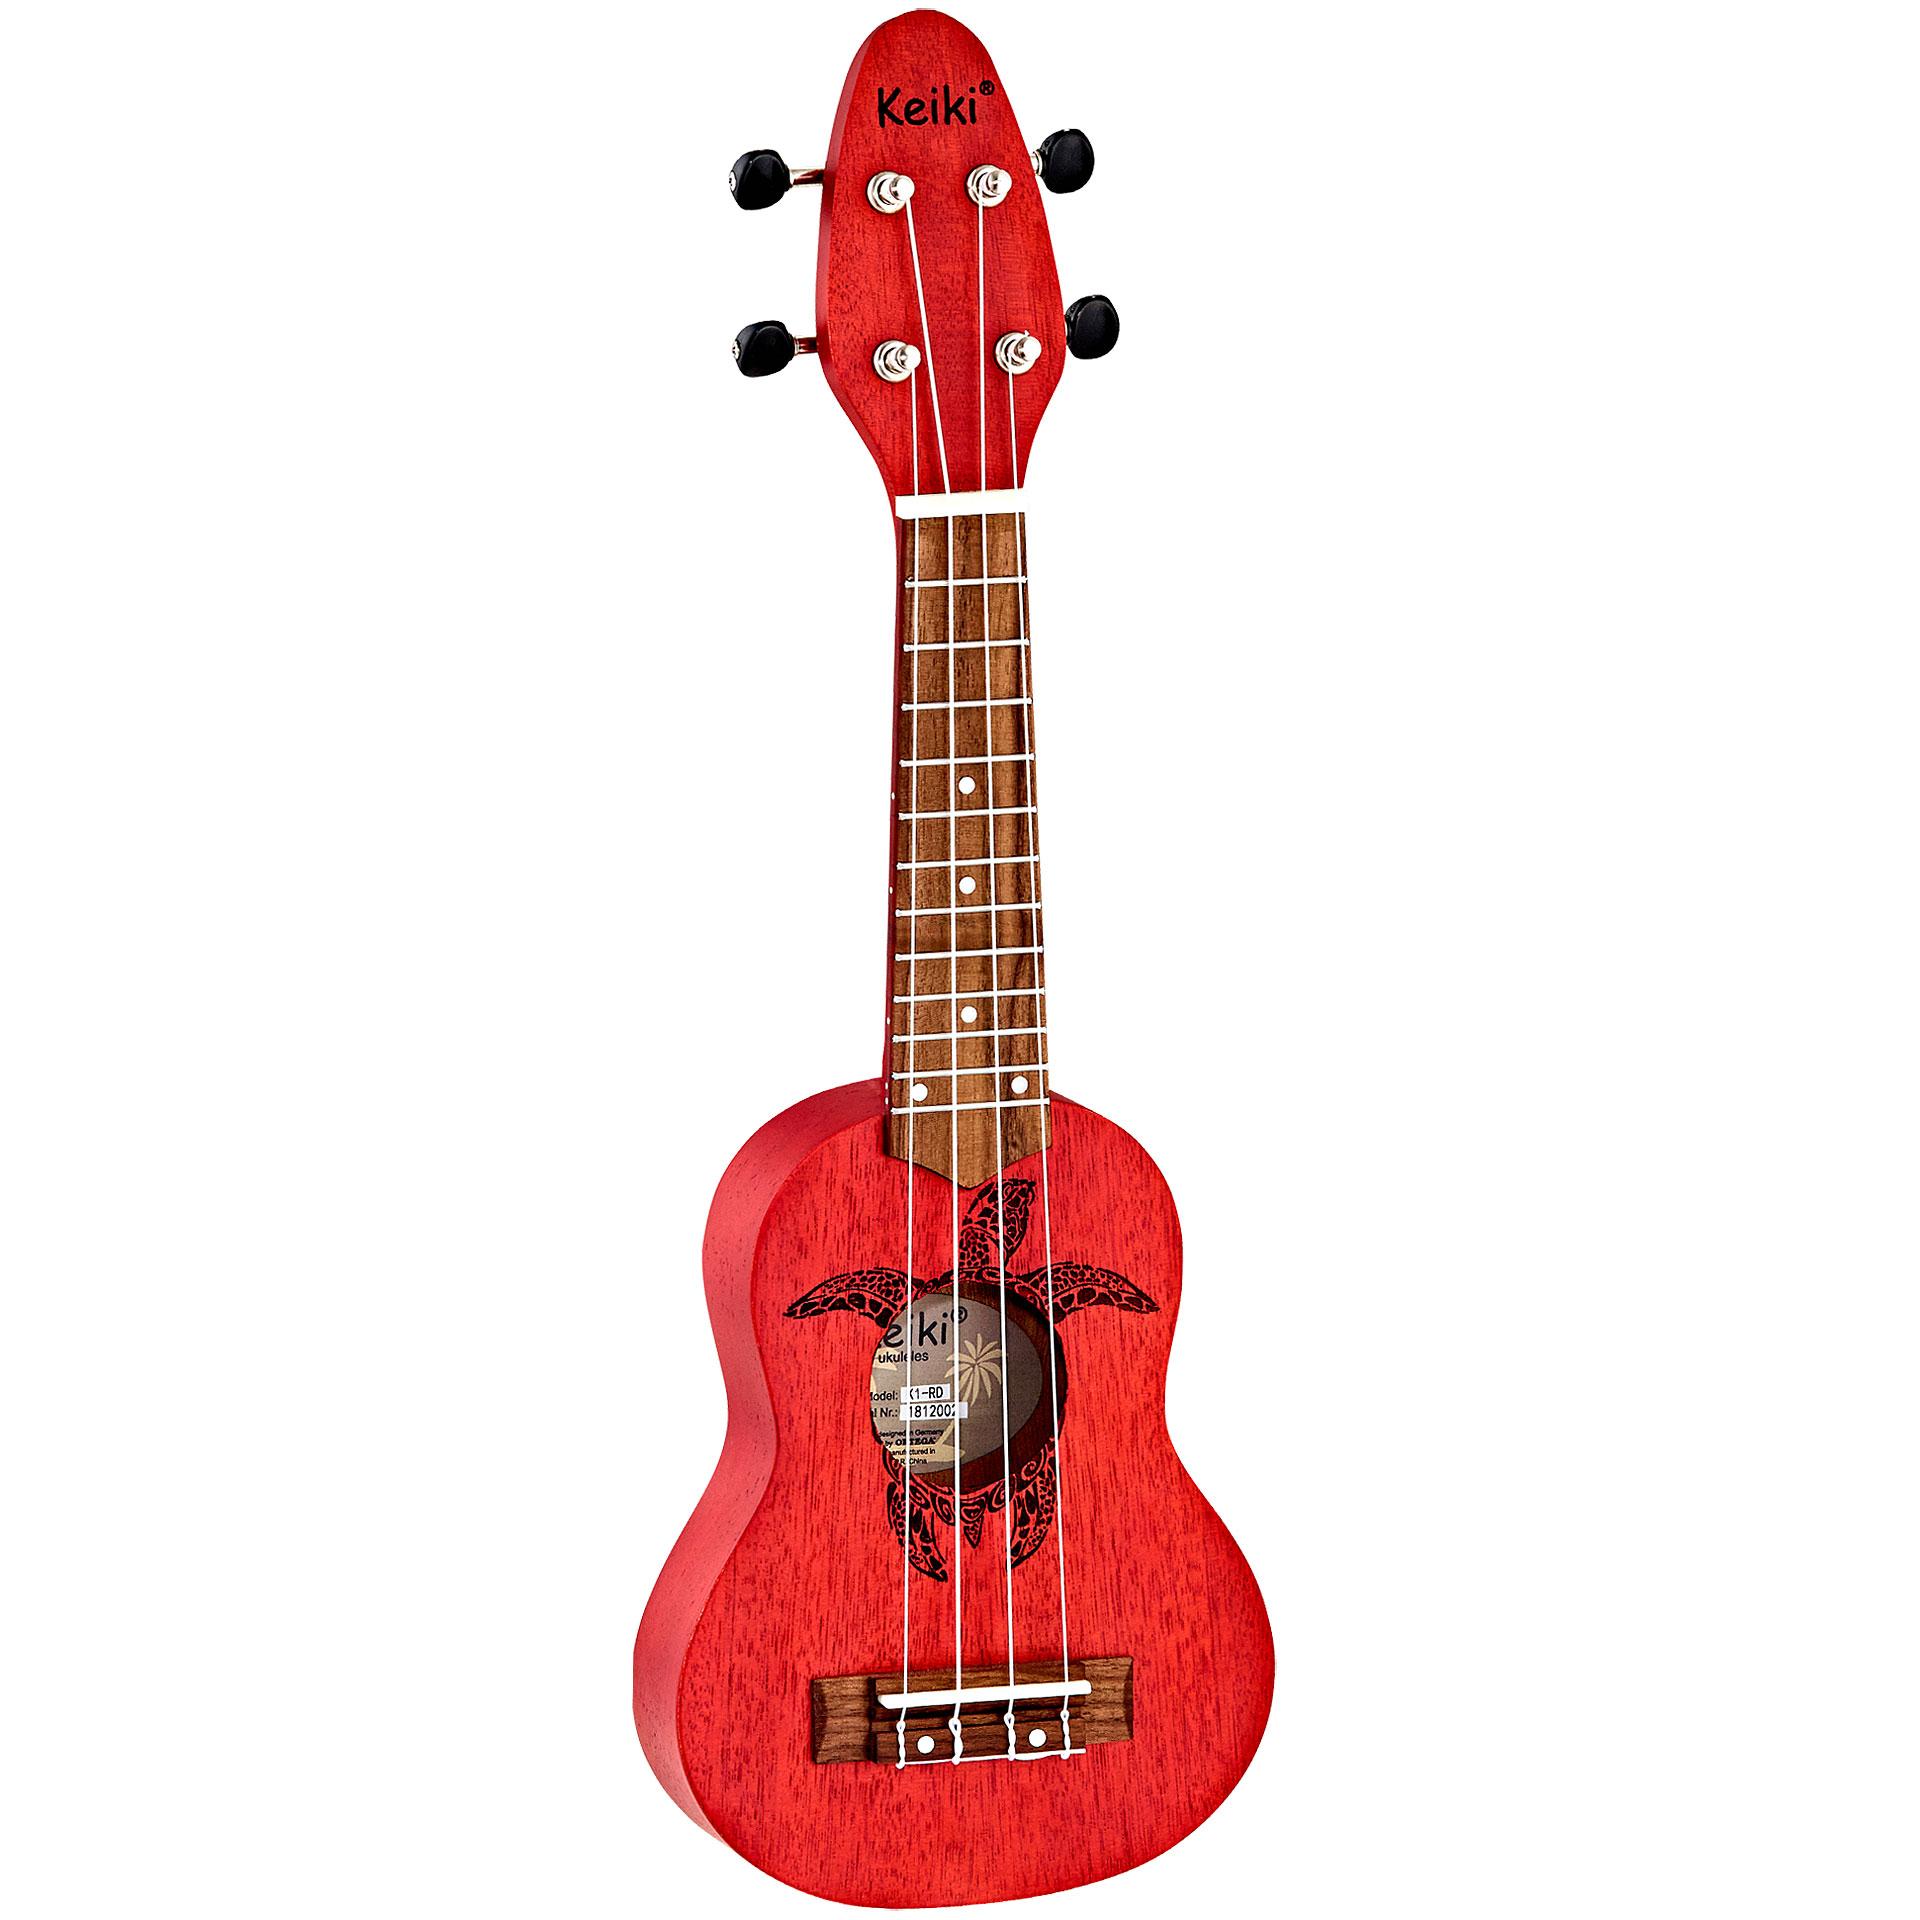 Маленькая, но очень гордая... укулеле - в помощь начинающим :: muzbar - портал музыкальных частных объявлений